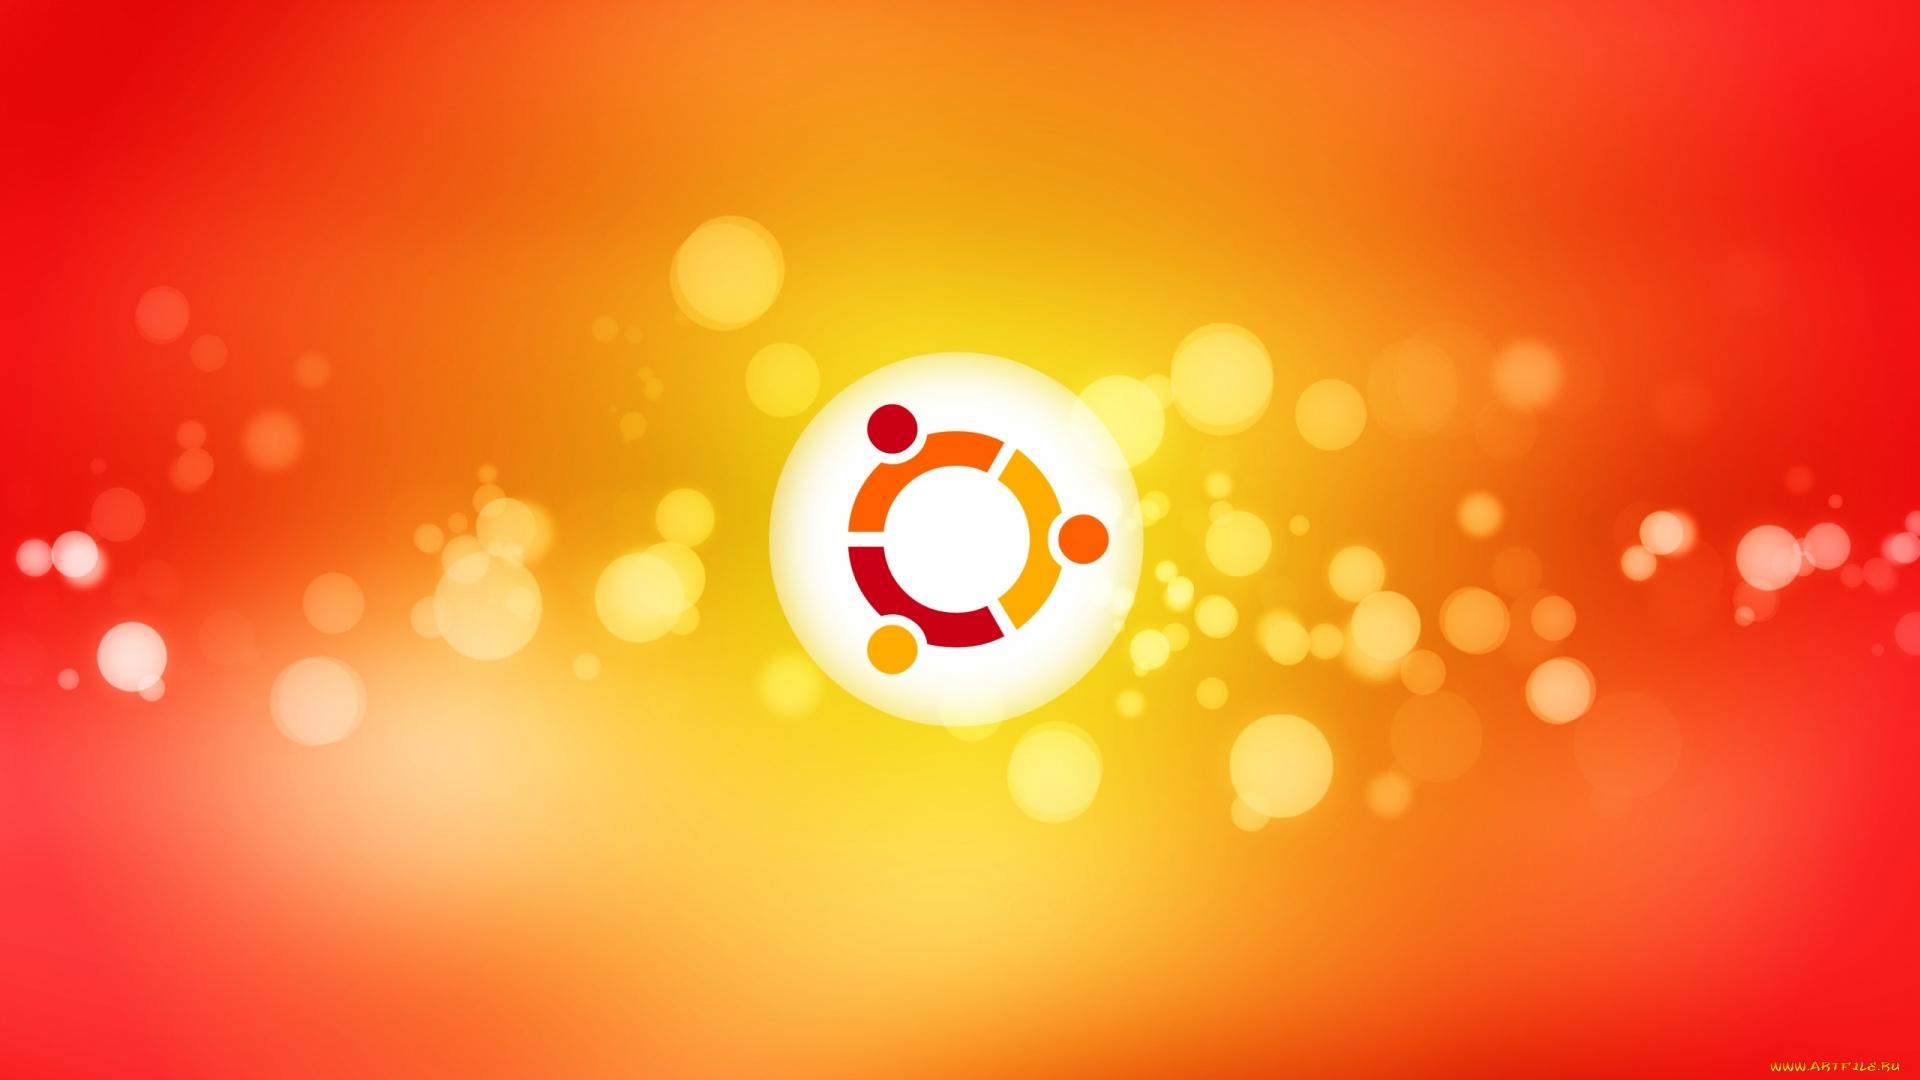 Ubuntu Wallpaper Pic